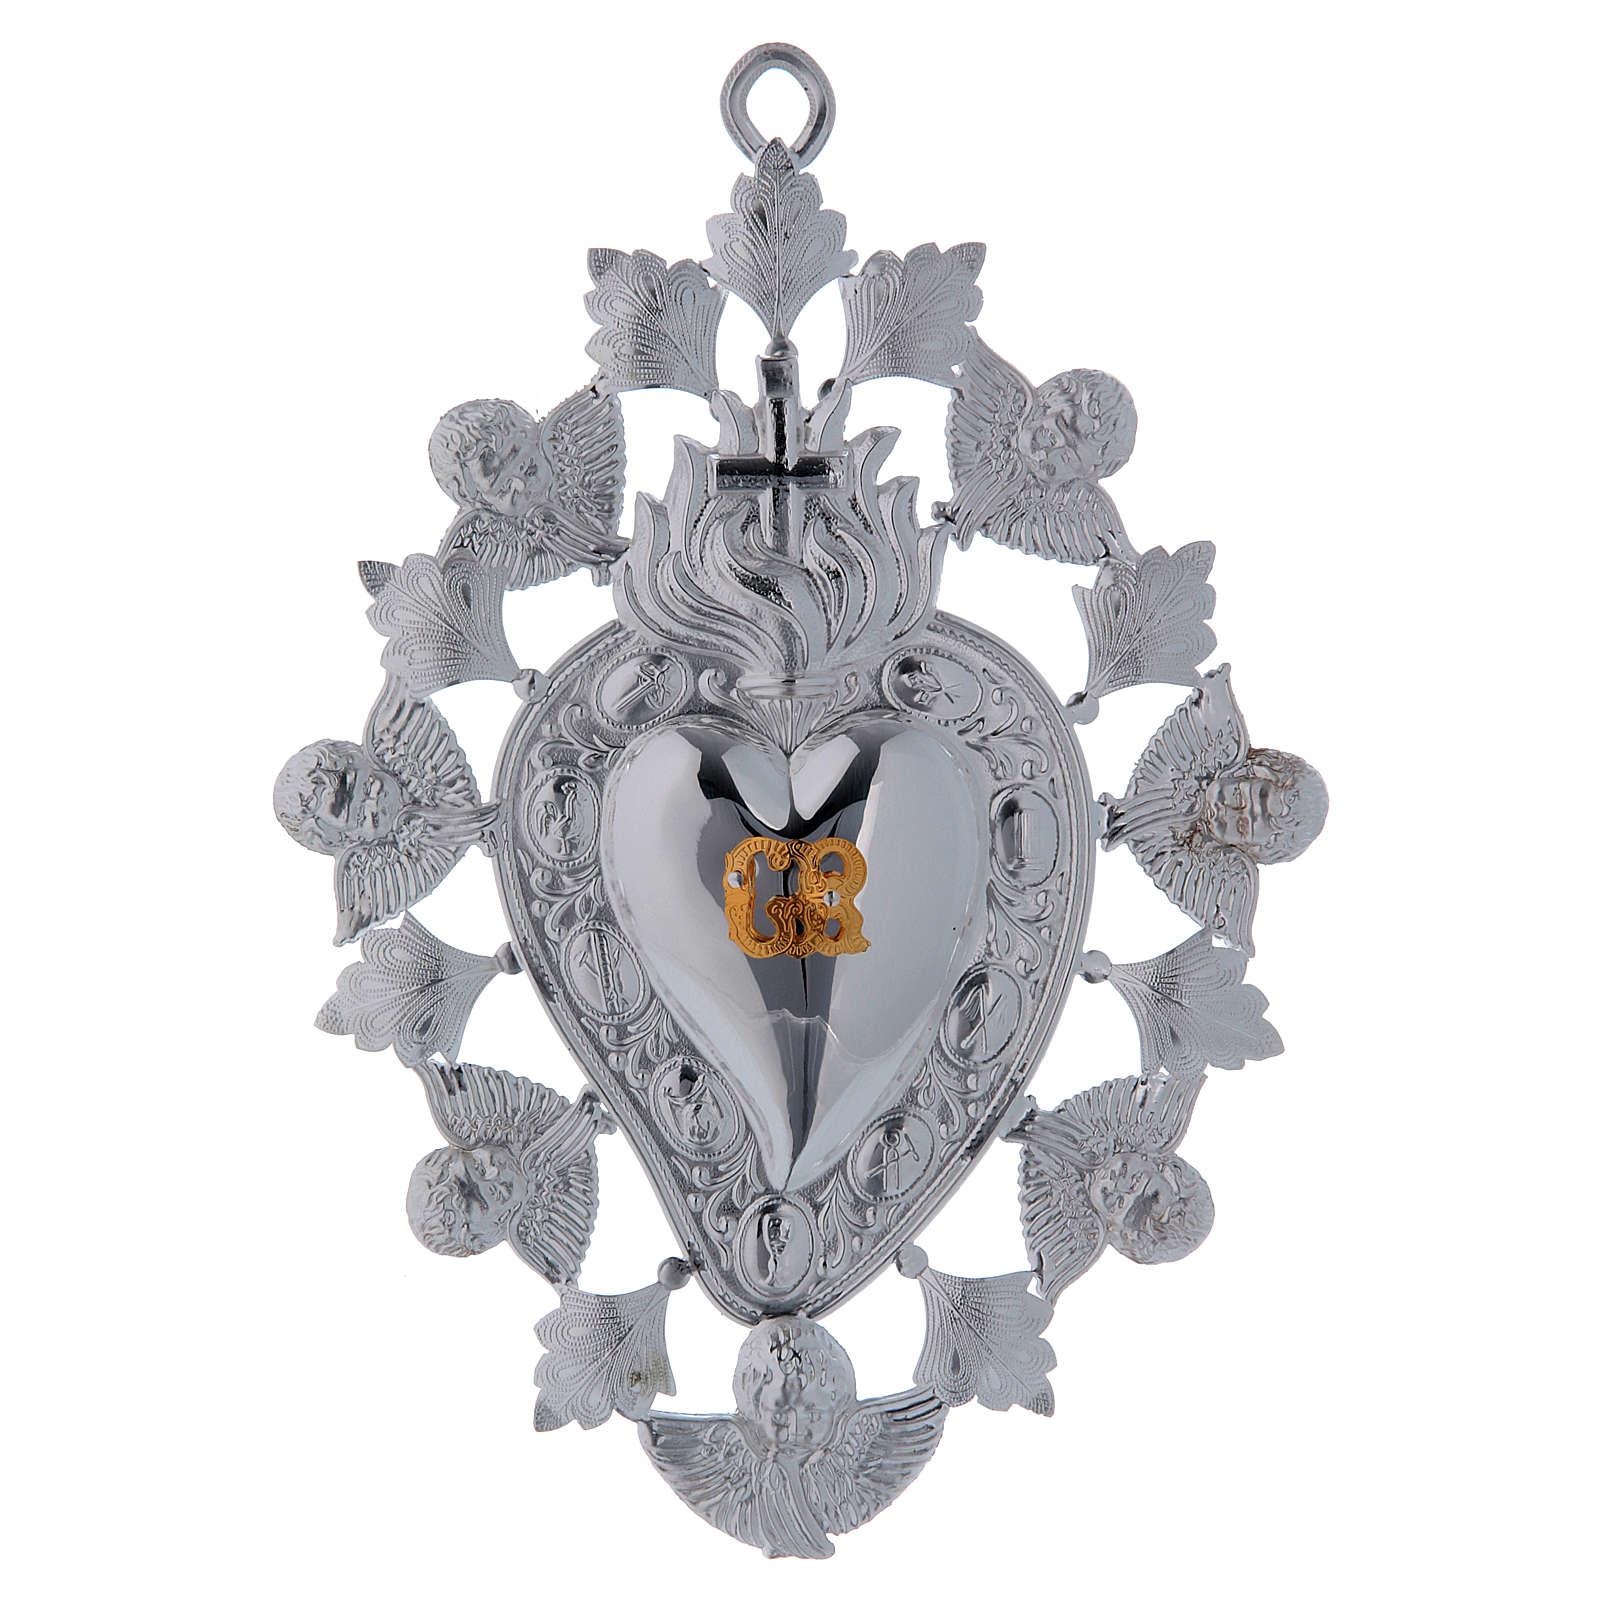 Ex voto Cuore fiamma angelo e decorazioni 13x20 cm 3